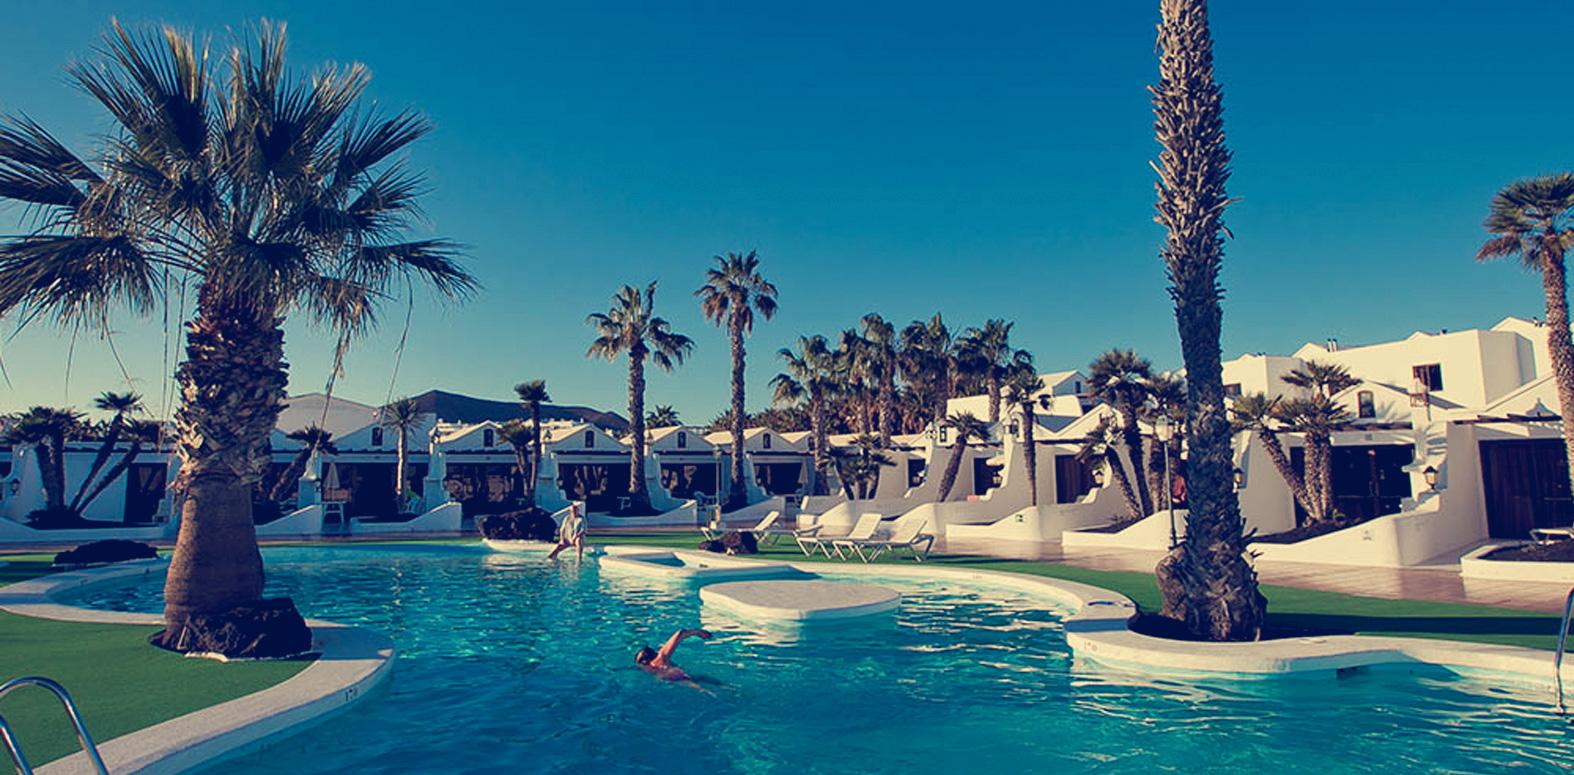 Sands Beach Resort social media training